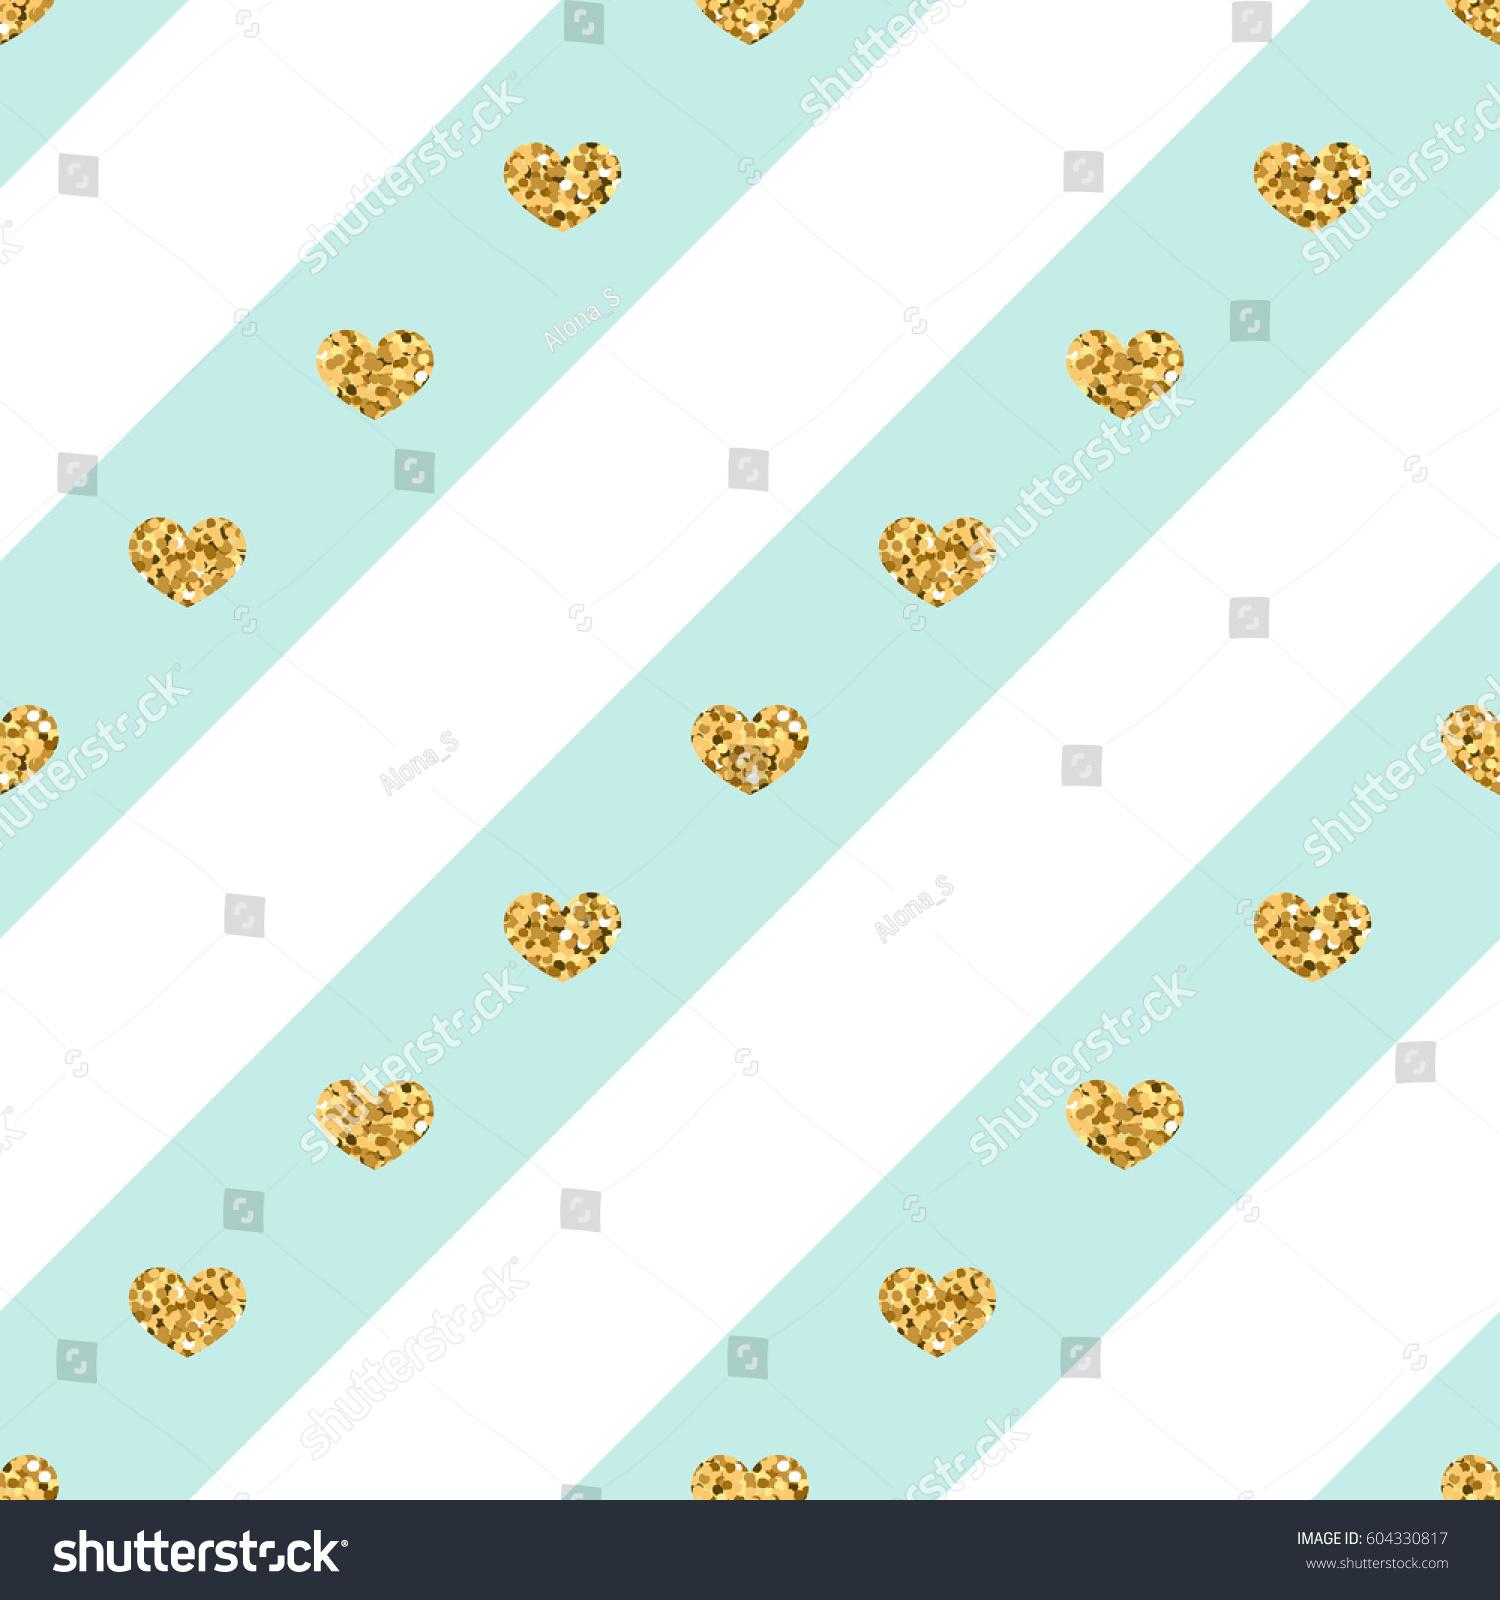 Gold Heart Seamless Pattern Golden Glitter Stock Vector 2018